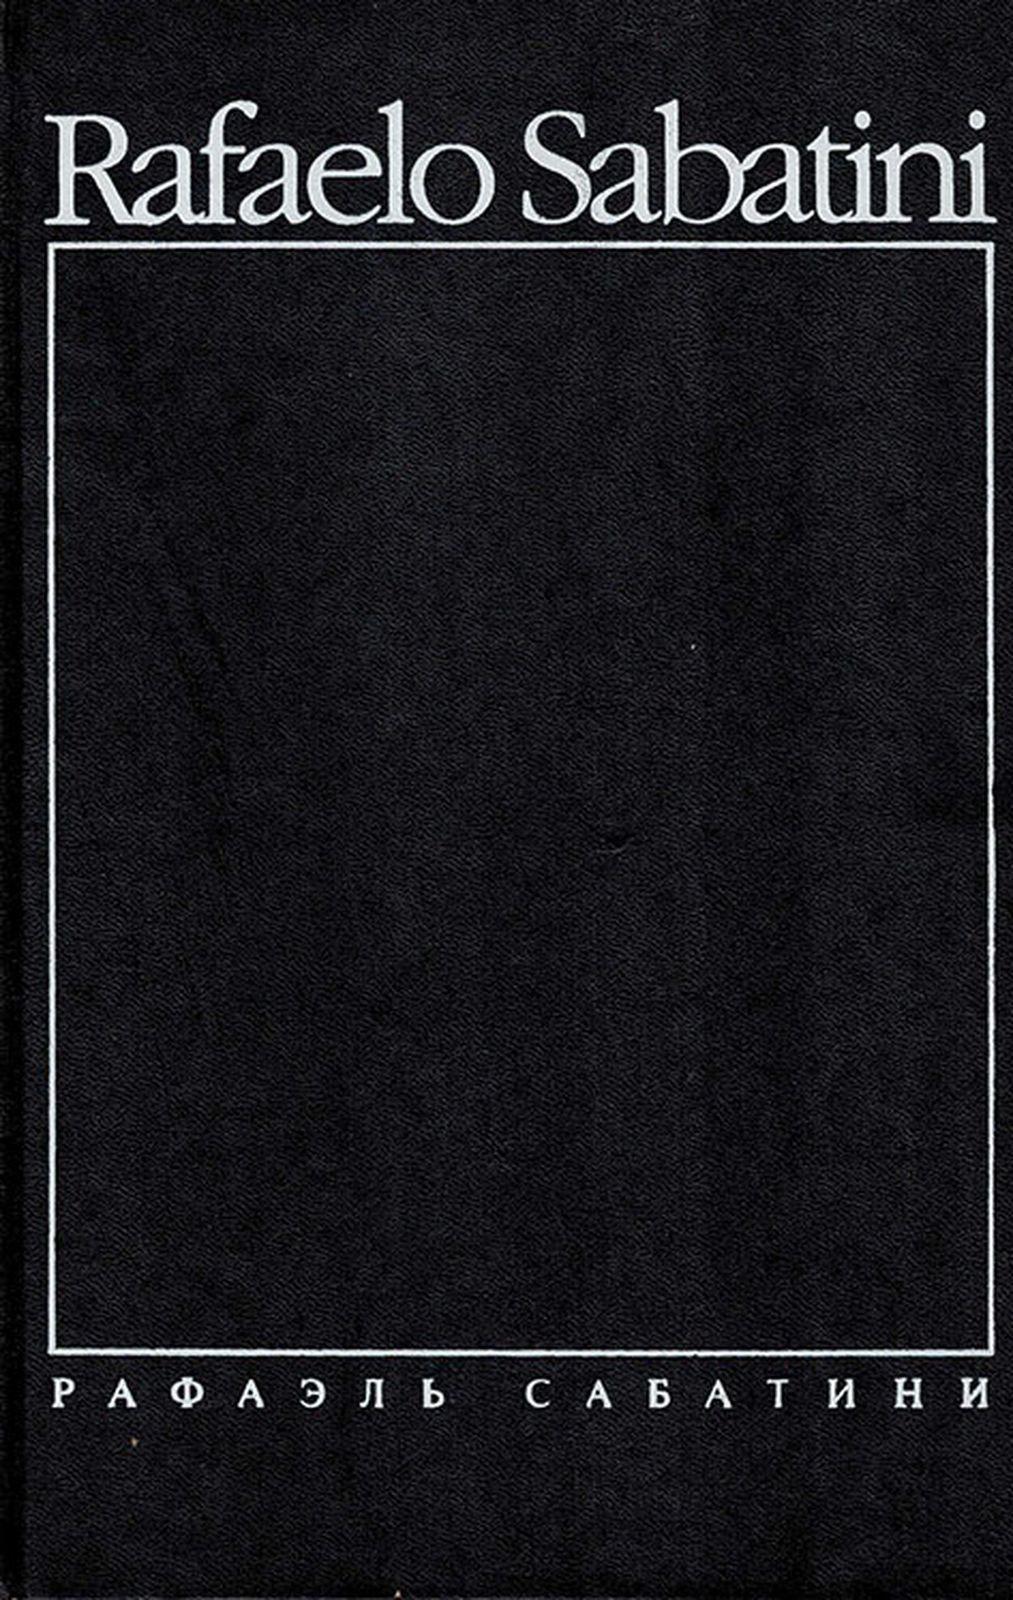 Фото - Сабатини Р. Рафаэль Сабатини. Собрание сочинений в 8 томах. Том 4. Любовь и оружие. Барделис Великолепный. Рыцарь таверны э р берроуз э р берроуз собрания сочинений в пяти томах том 2